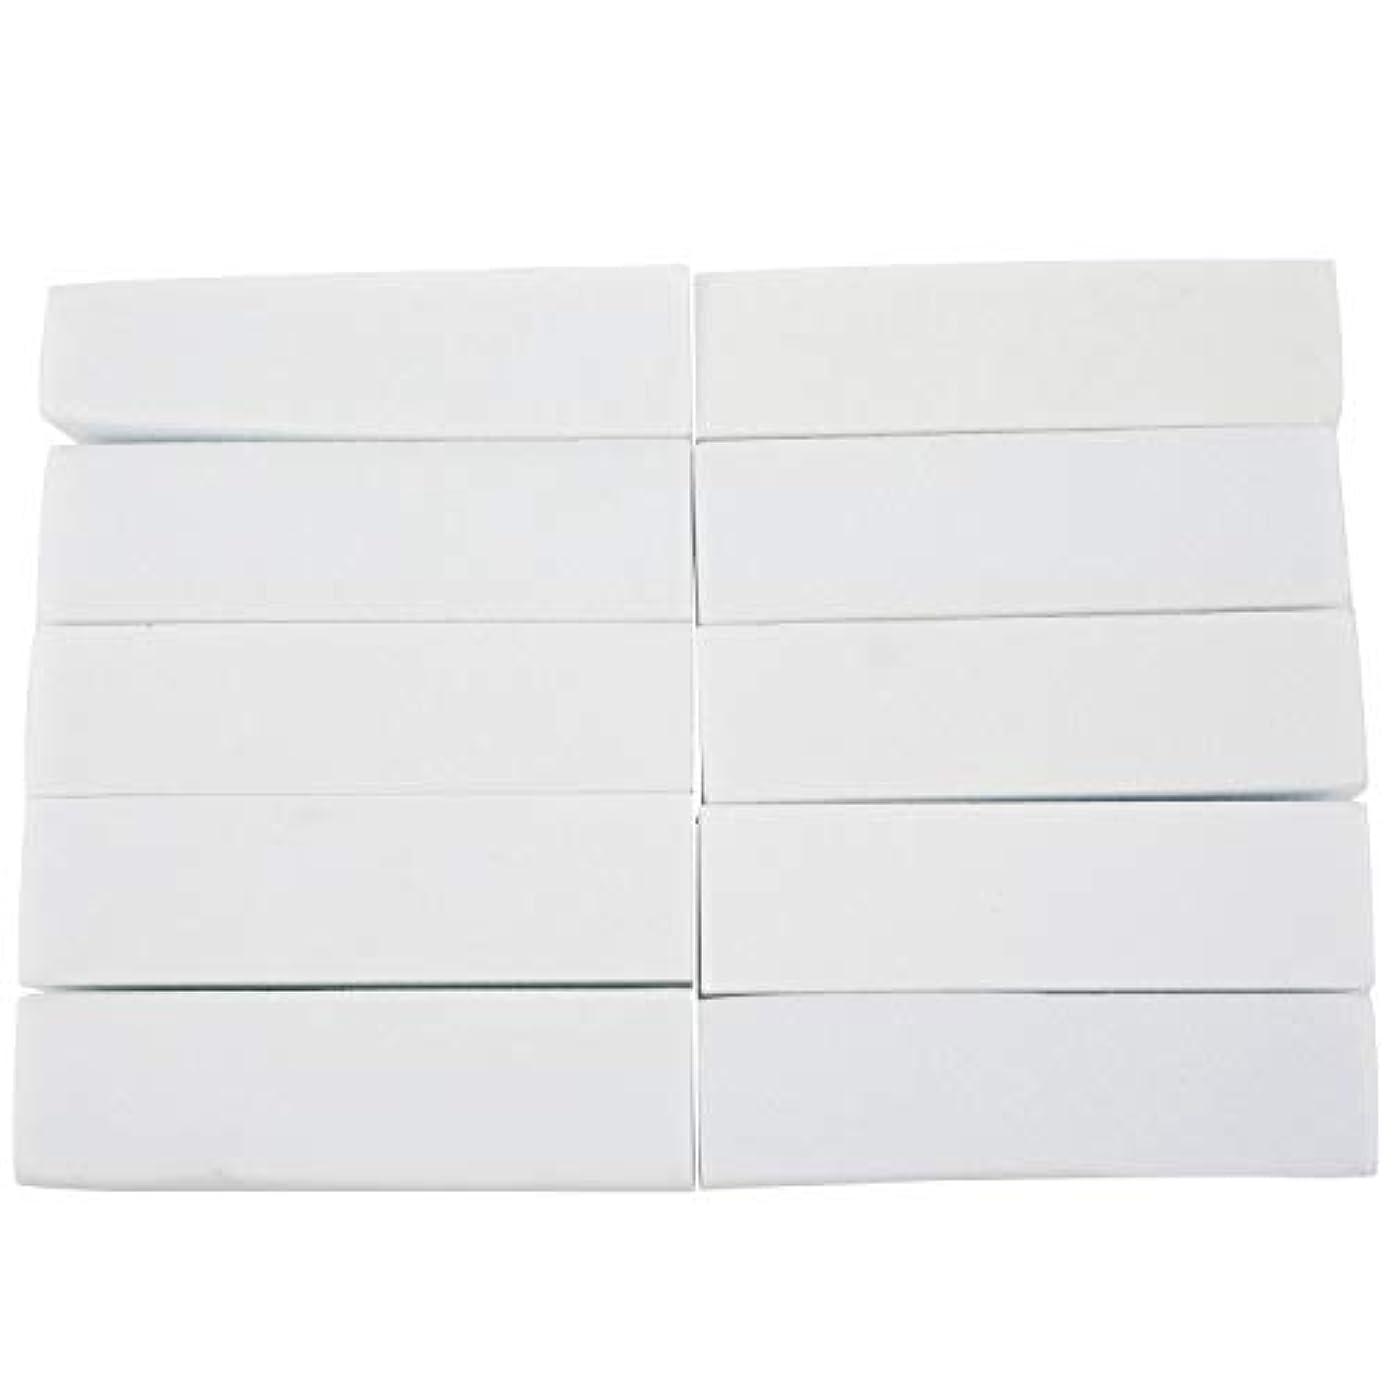 従来の洞察力抵抗Nrpfell 10x白いのアクリルネイルアートのバフ研磨のツール、マニキュアツール